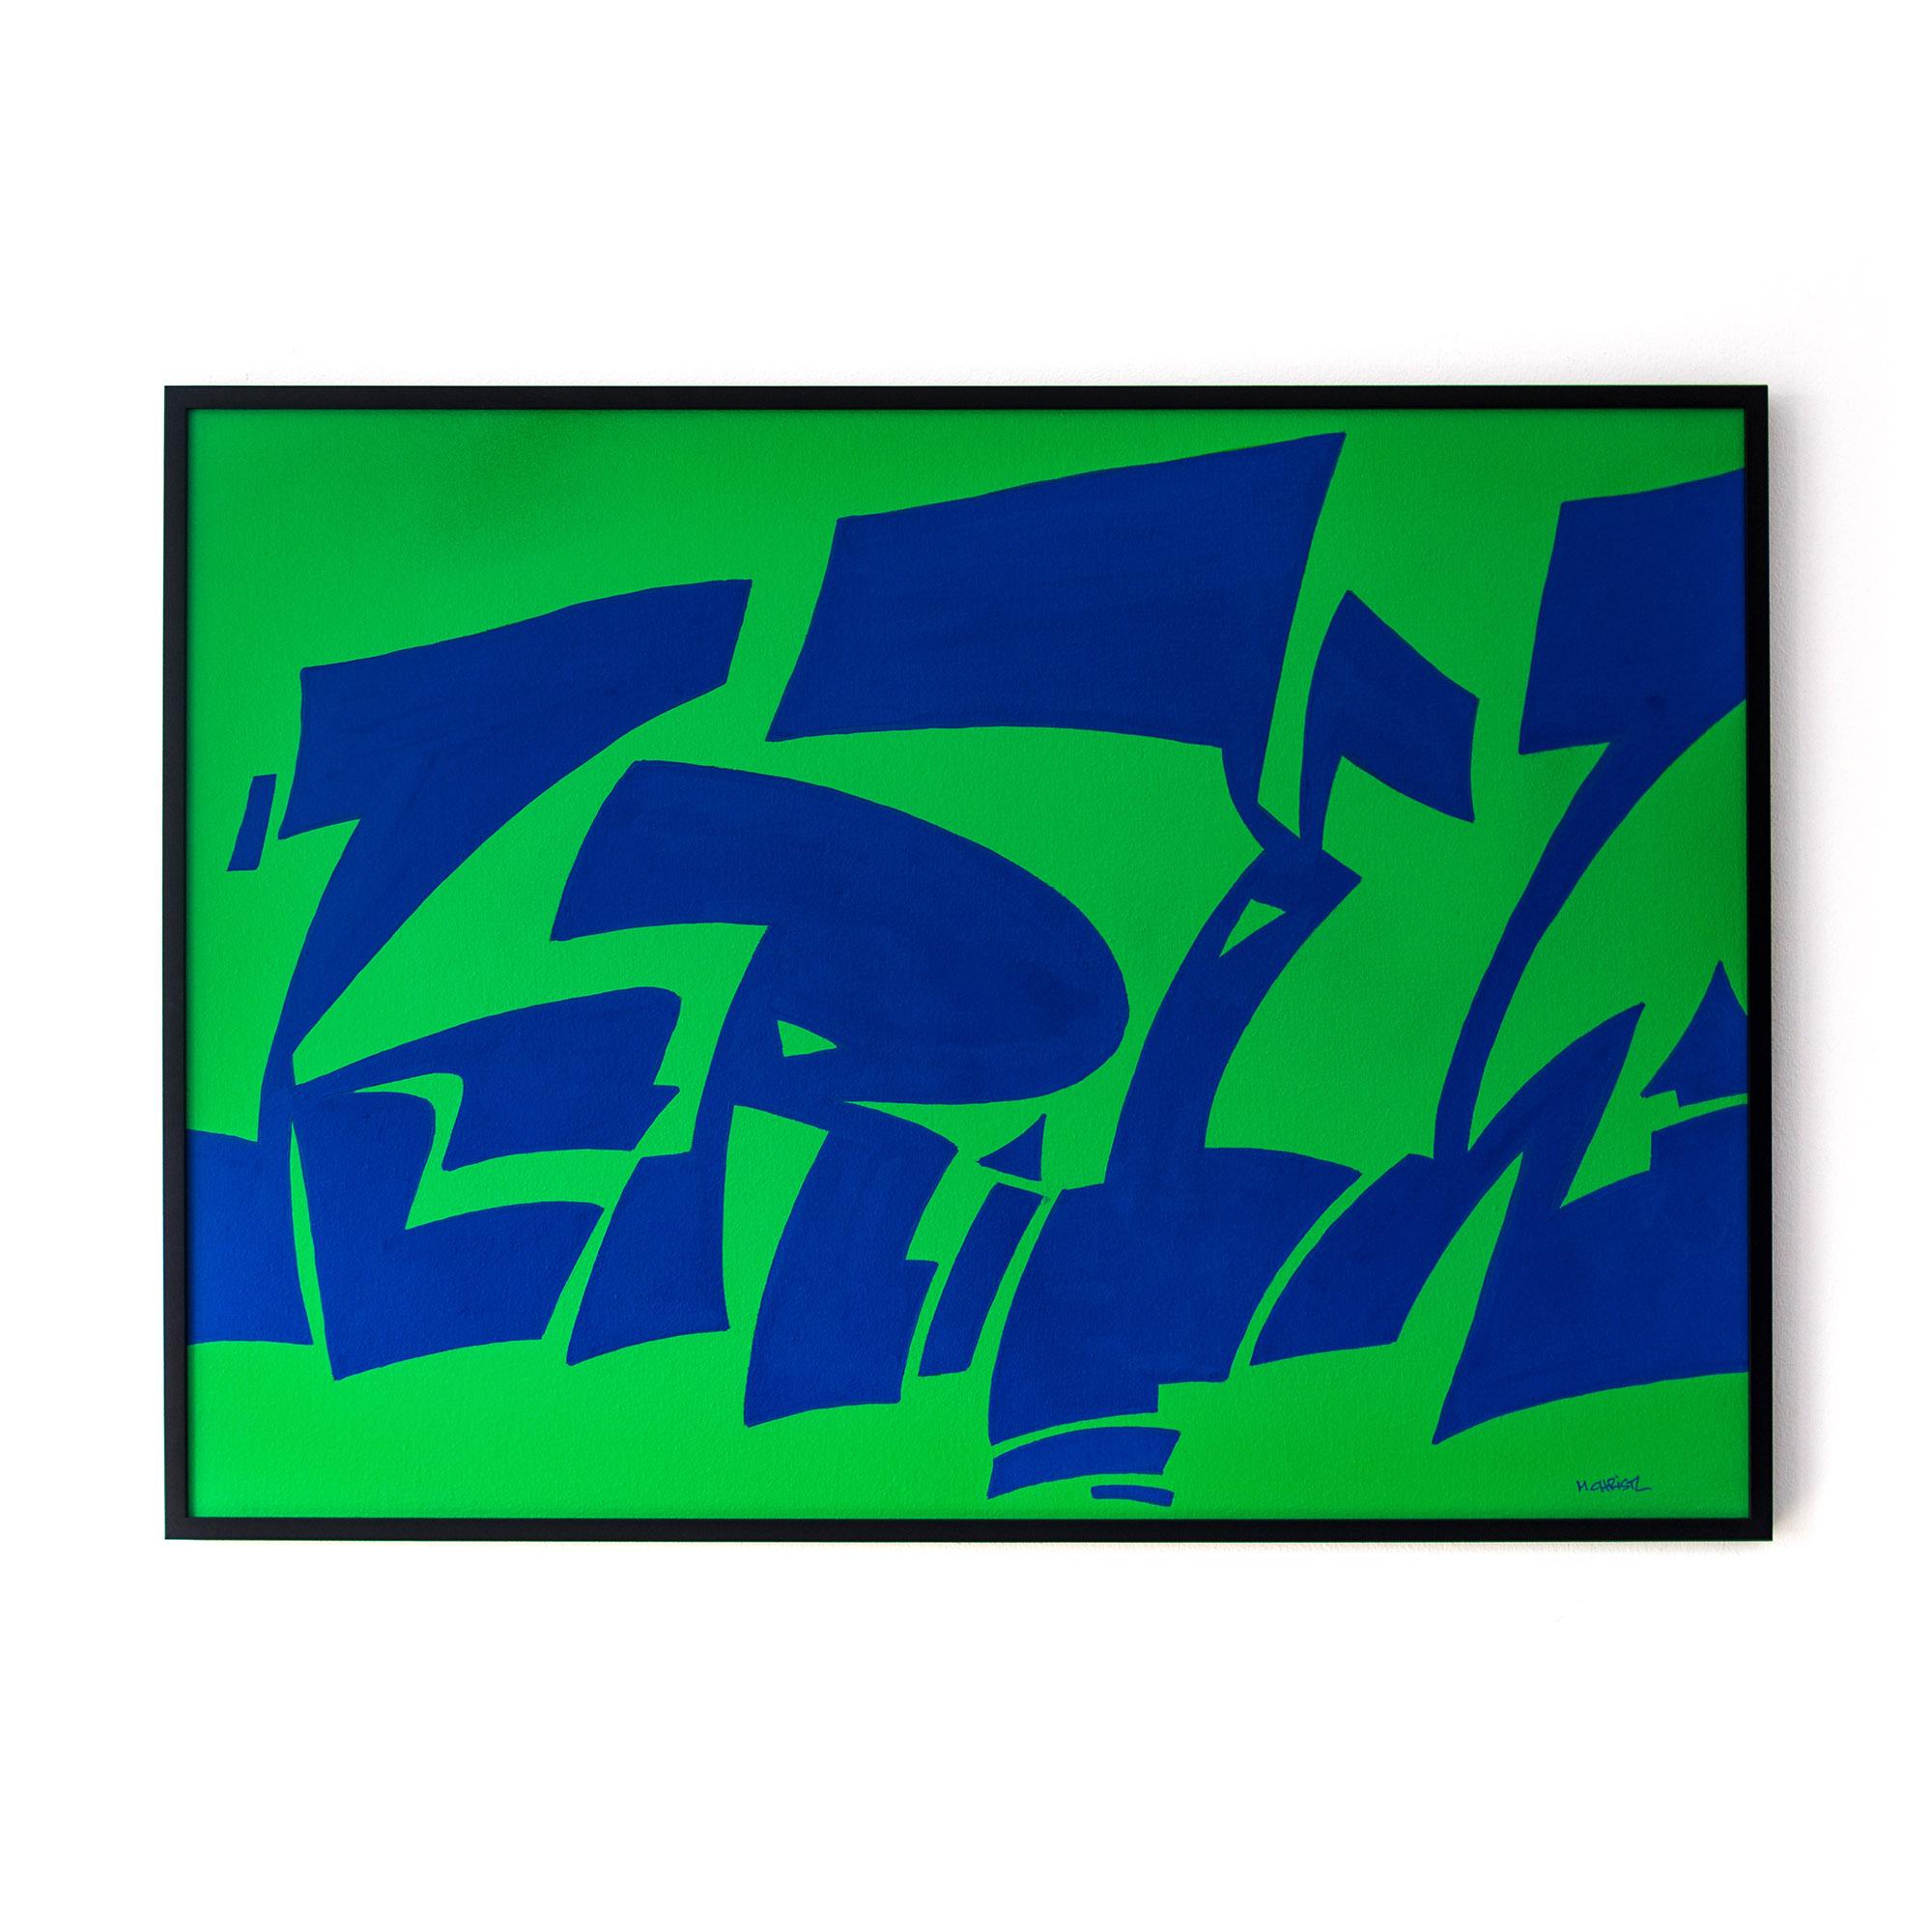 SOLID SOLO revoltgreen.echtblau